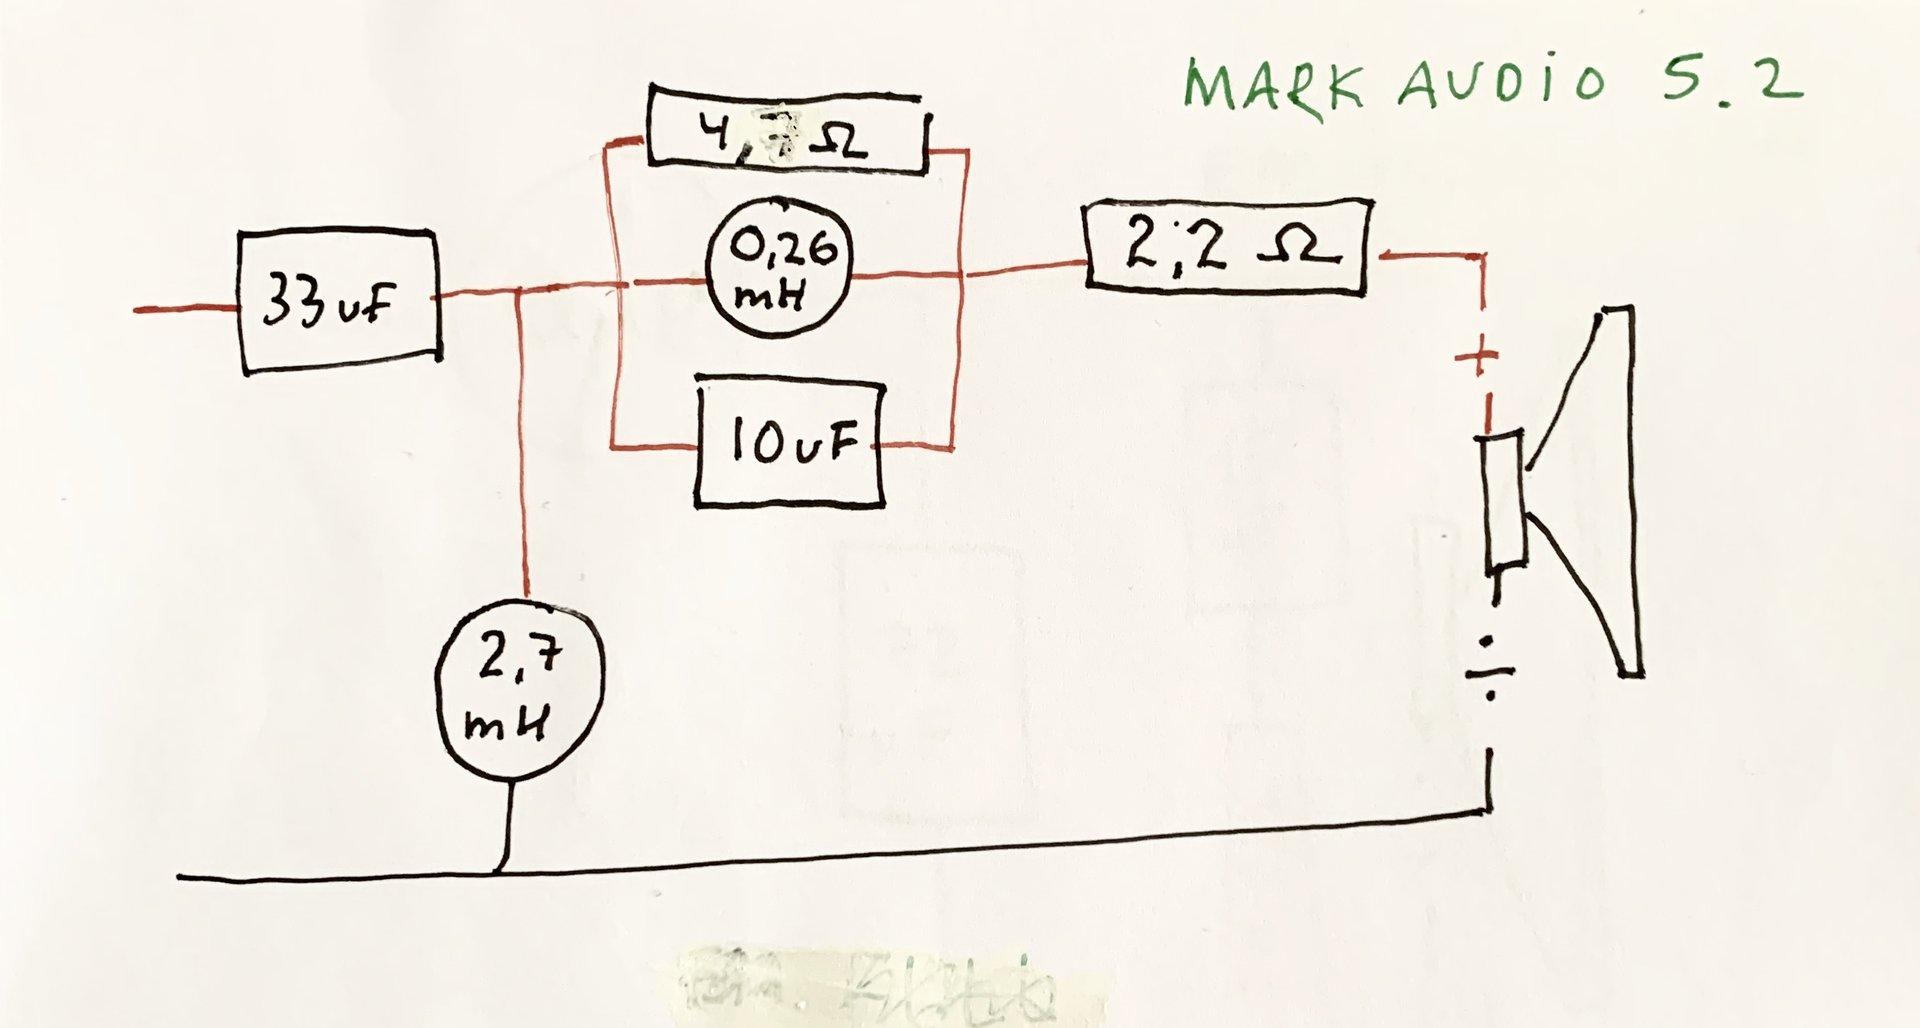 0A286EF4-D3E4-4065-8ABB-69E8F88CD7CD.jpeg